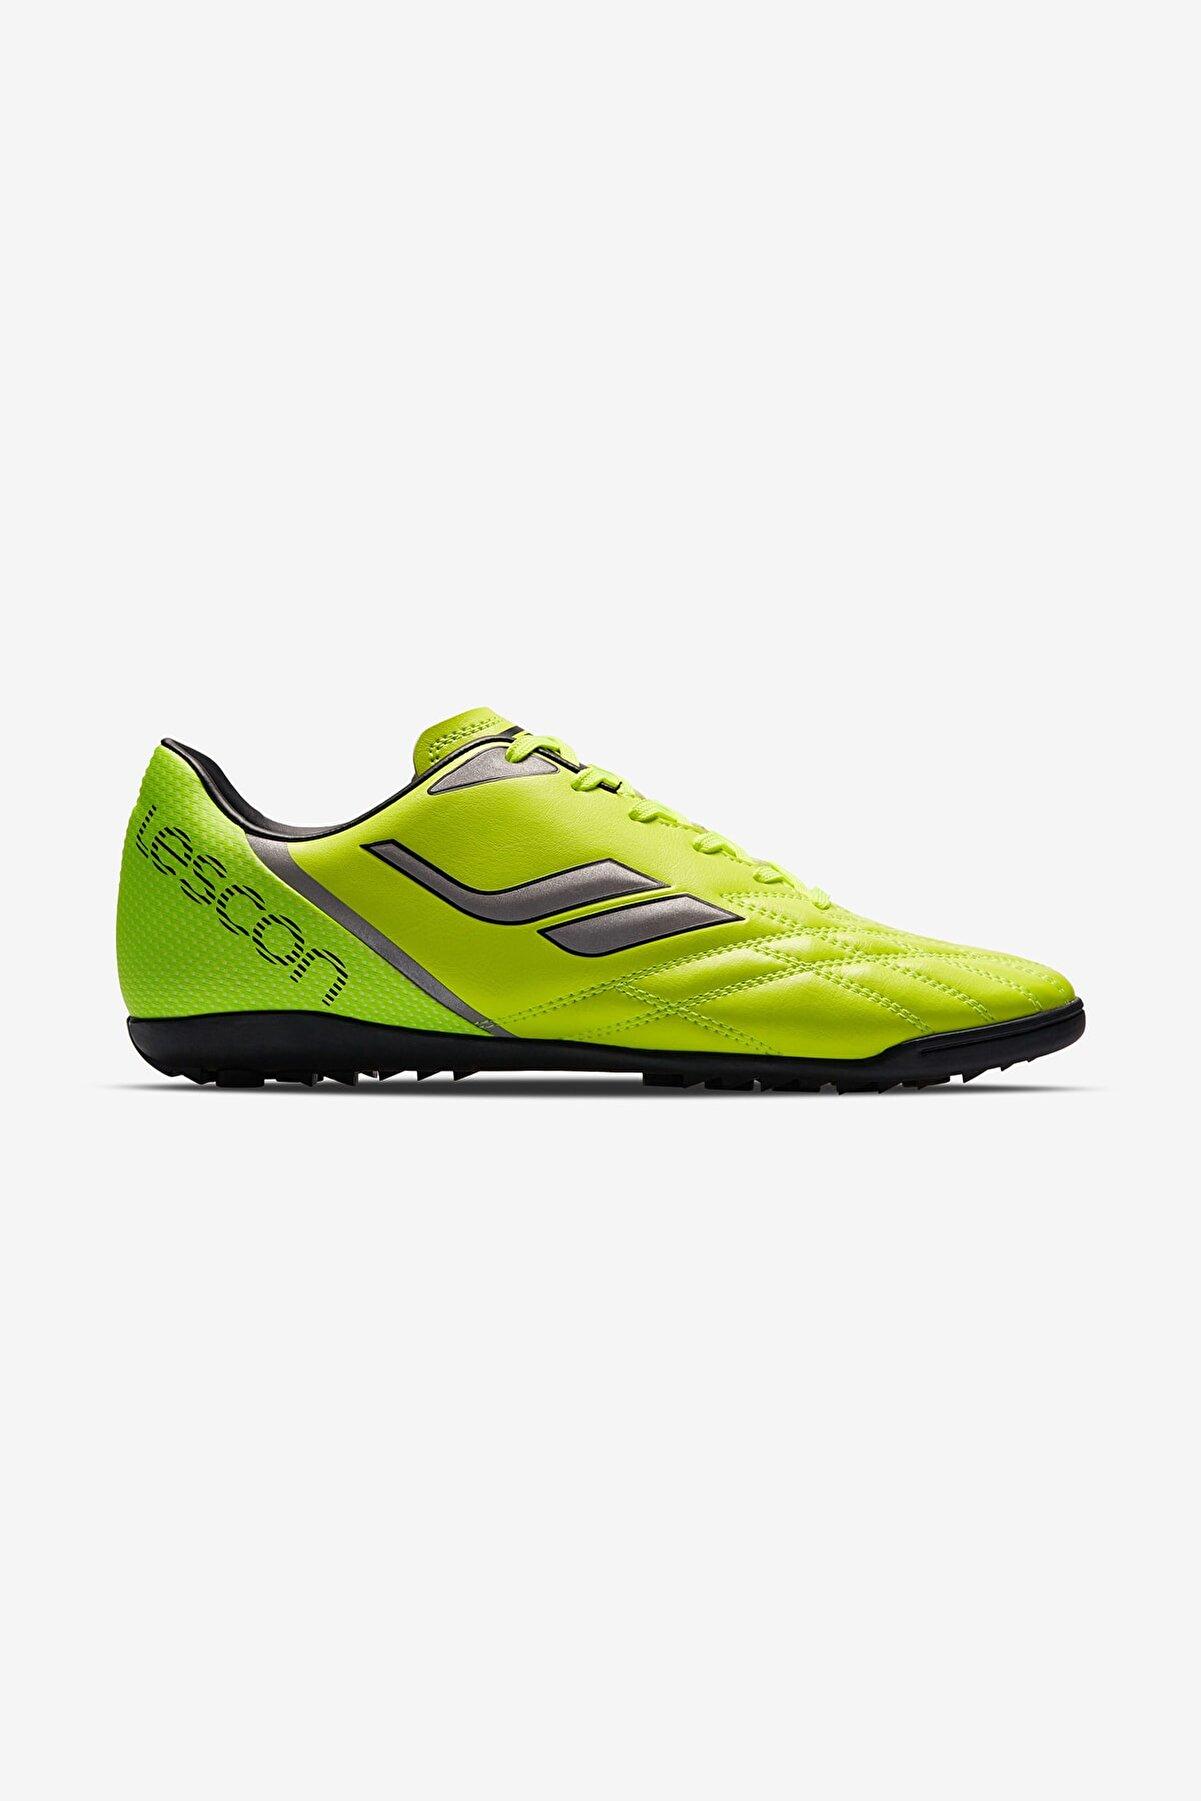 Lescon Erkek Çocuk Fosfor Yeşil Halı Saha Ayakkabısı Venom-007 H-19b